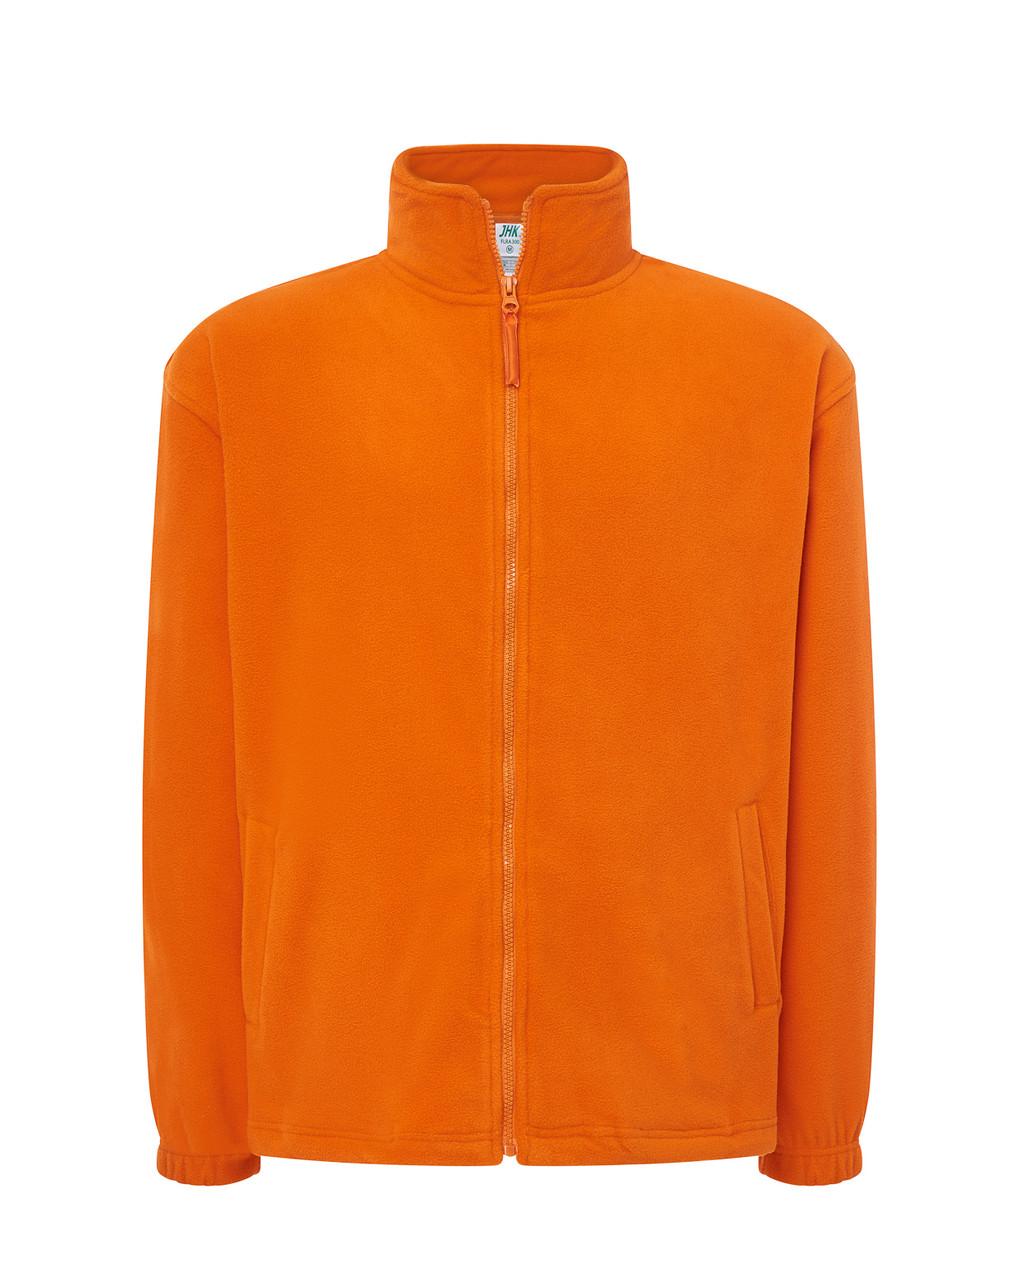 Мужская флисовая кофта JHK POLAR FLEECE MAN цвет оранжевый (OR) L